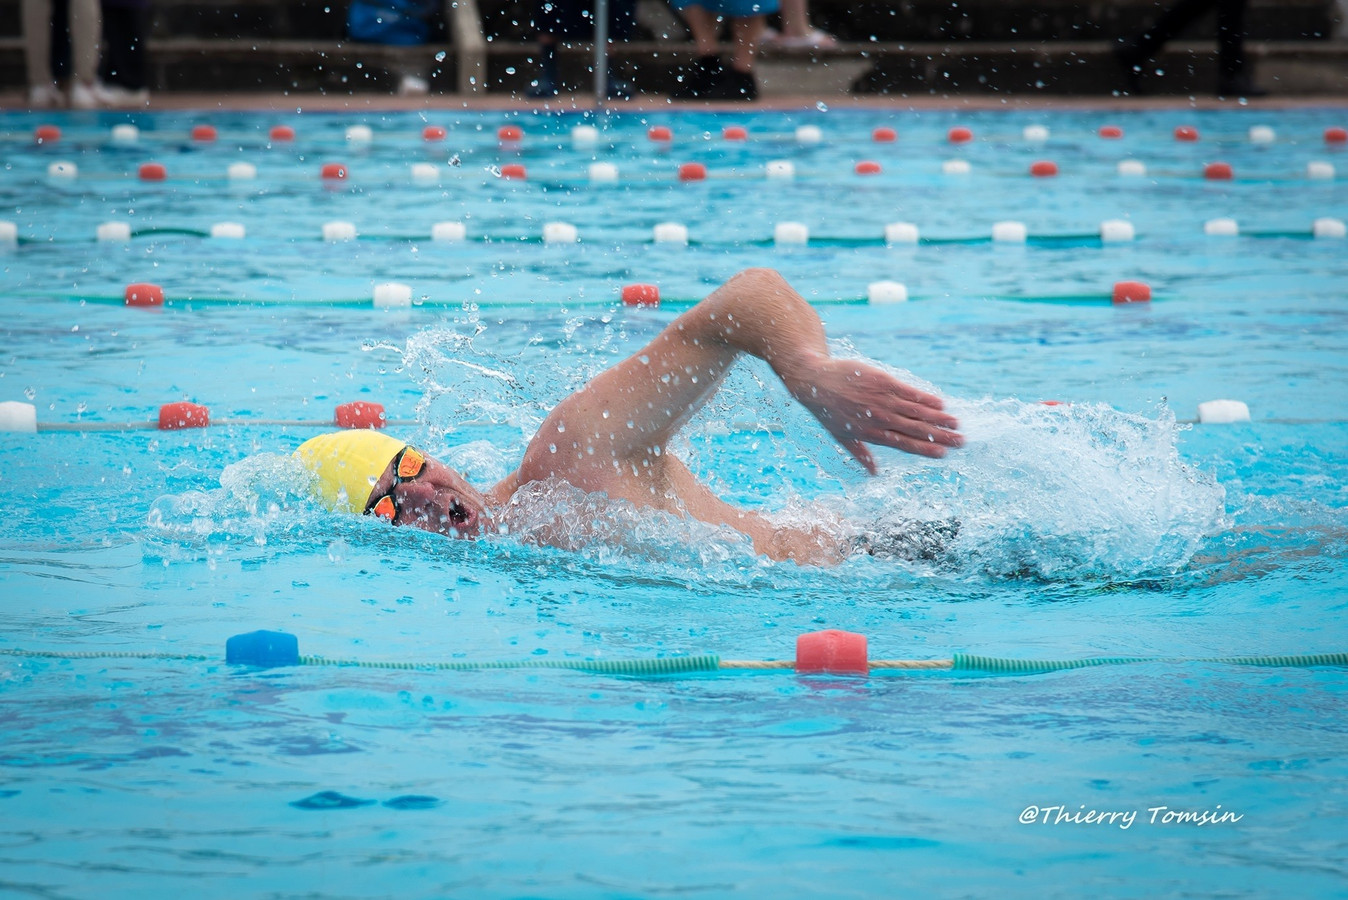 Jean-François a longtemps fait de la natation en compétition. Il est un nageur chevronné, mais ça n'est pas une condition suffisante pour la nage en eau froide.